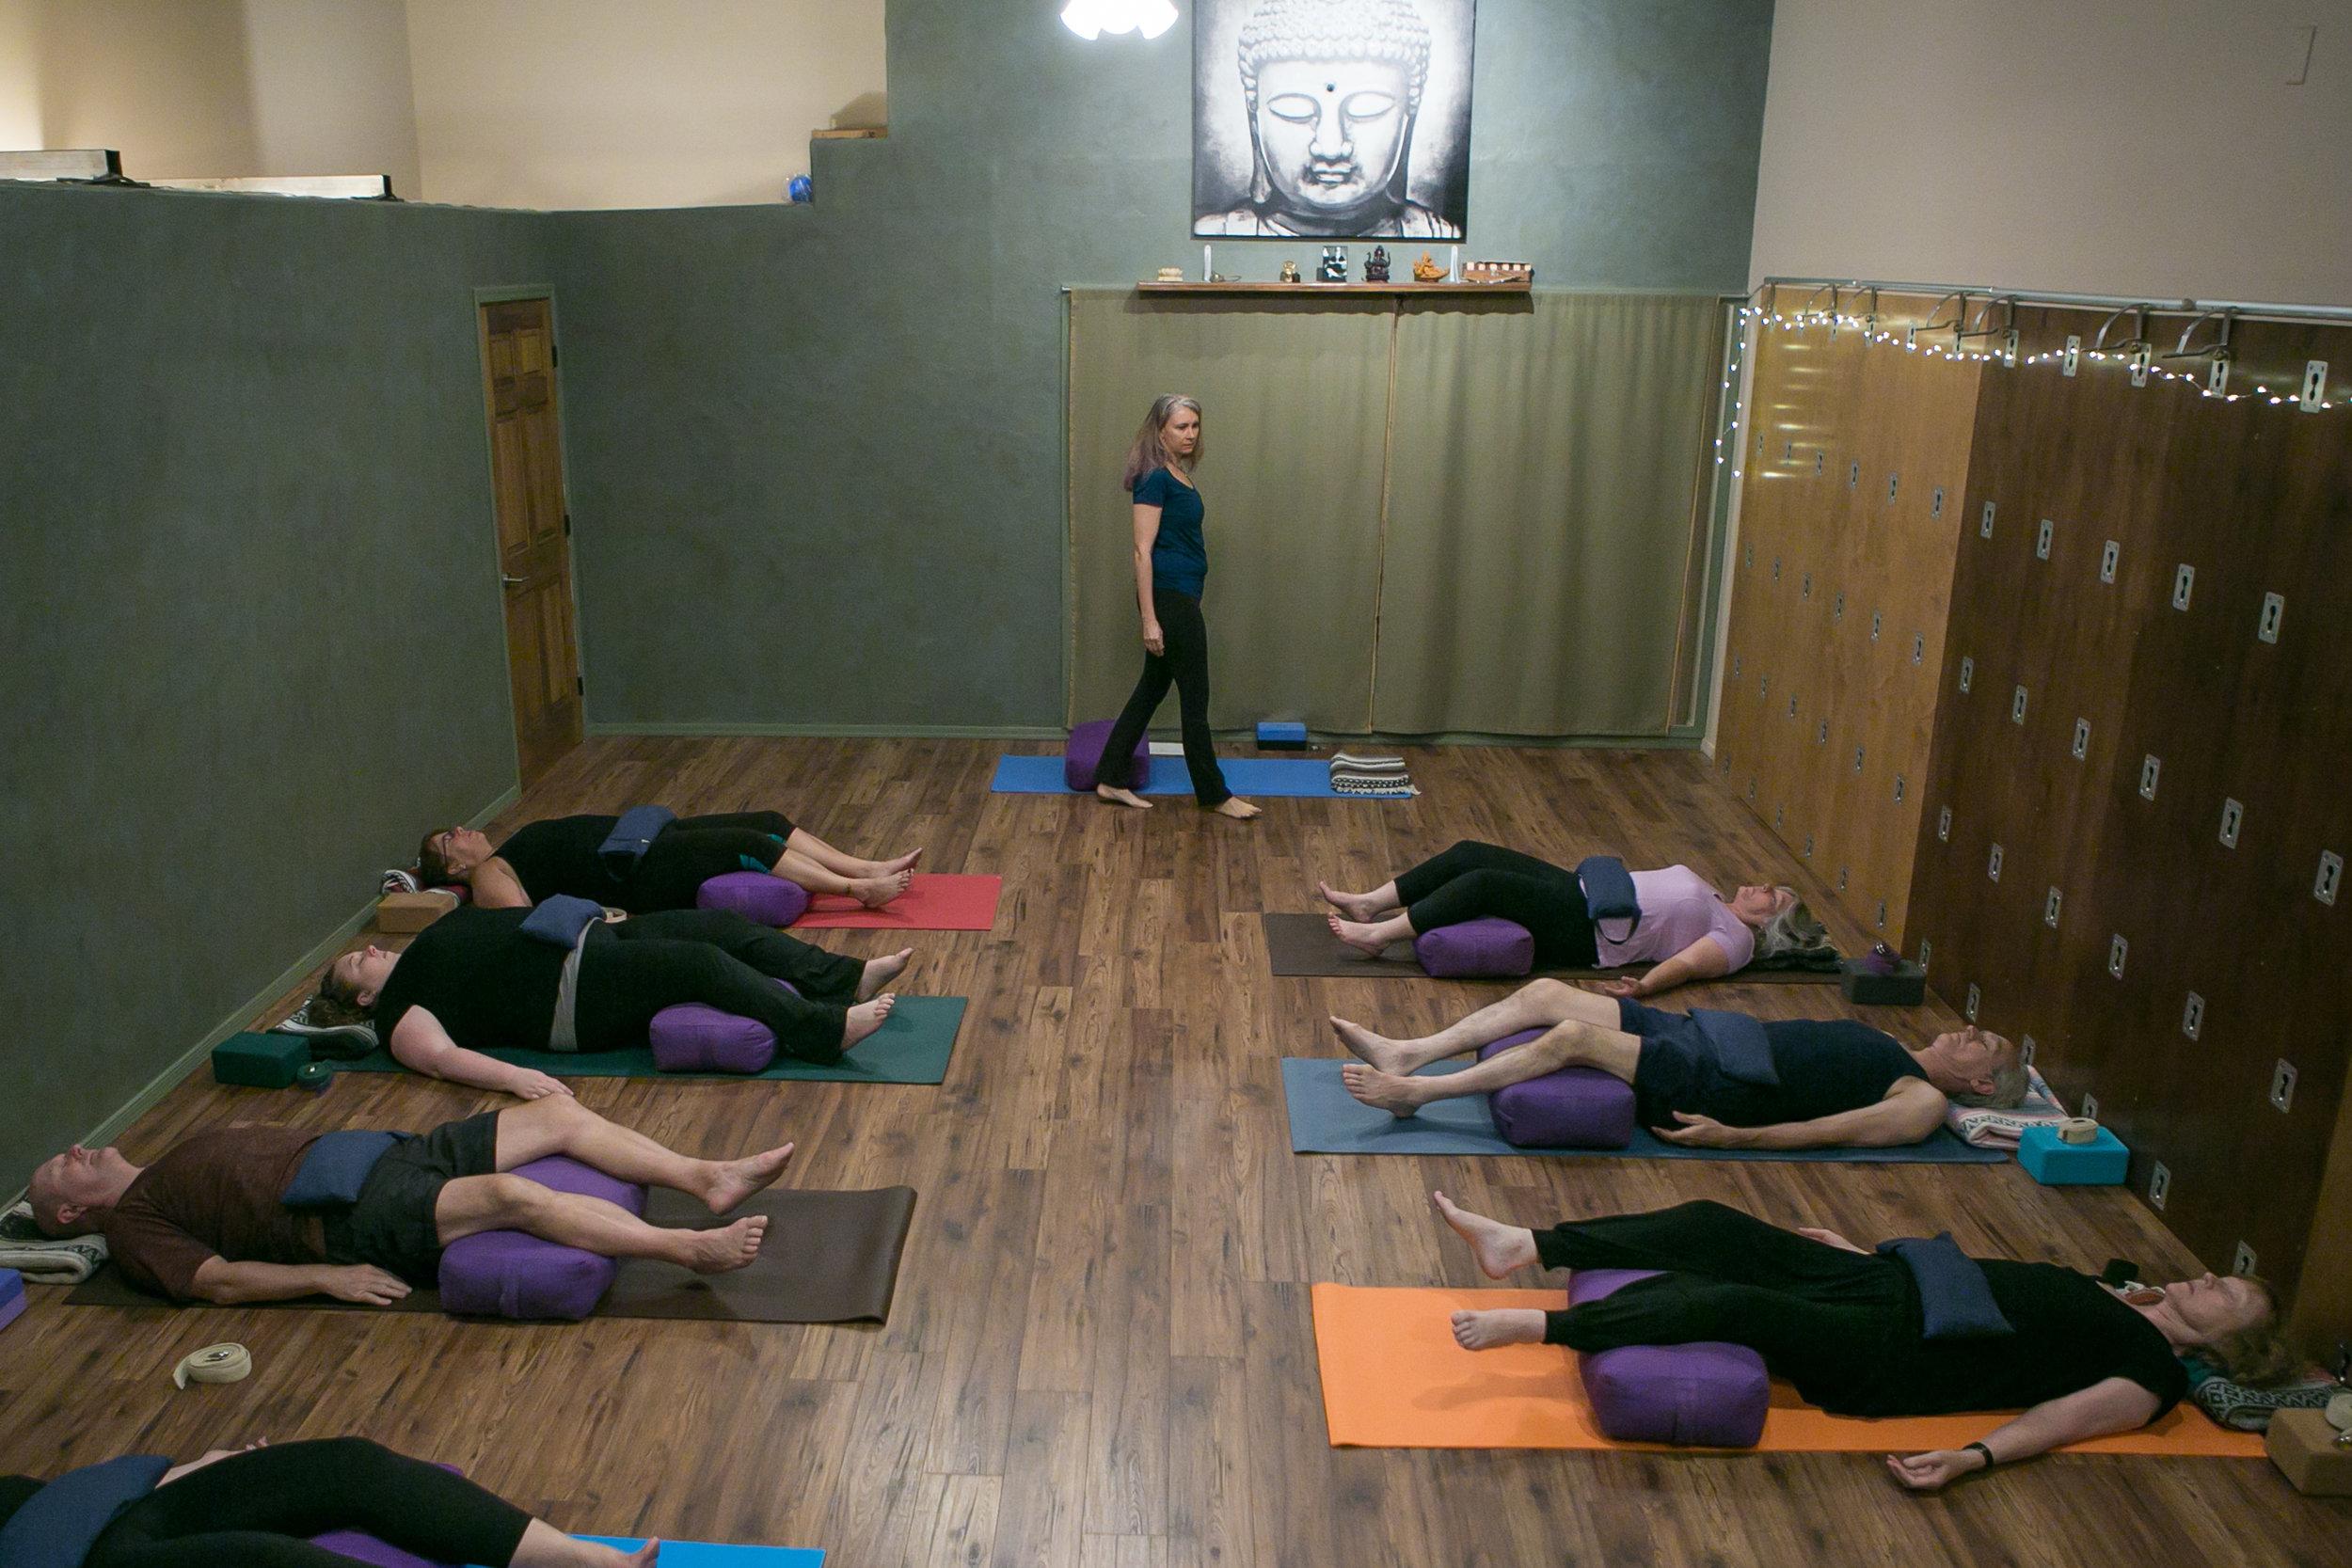 10-30-18_WIDE_LyndiRivers_Yoga_KathleenDreierPhotography_IMG_0022.jpg